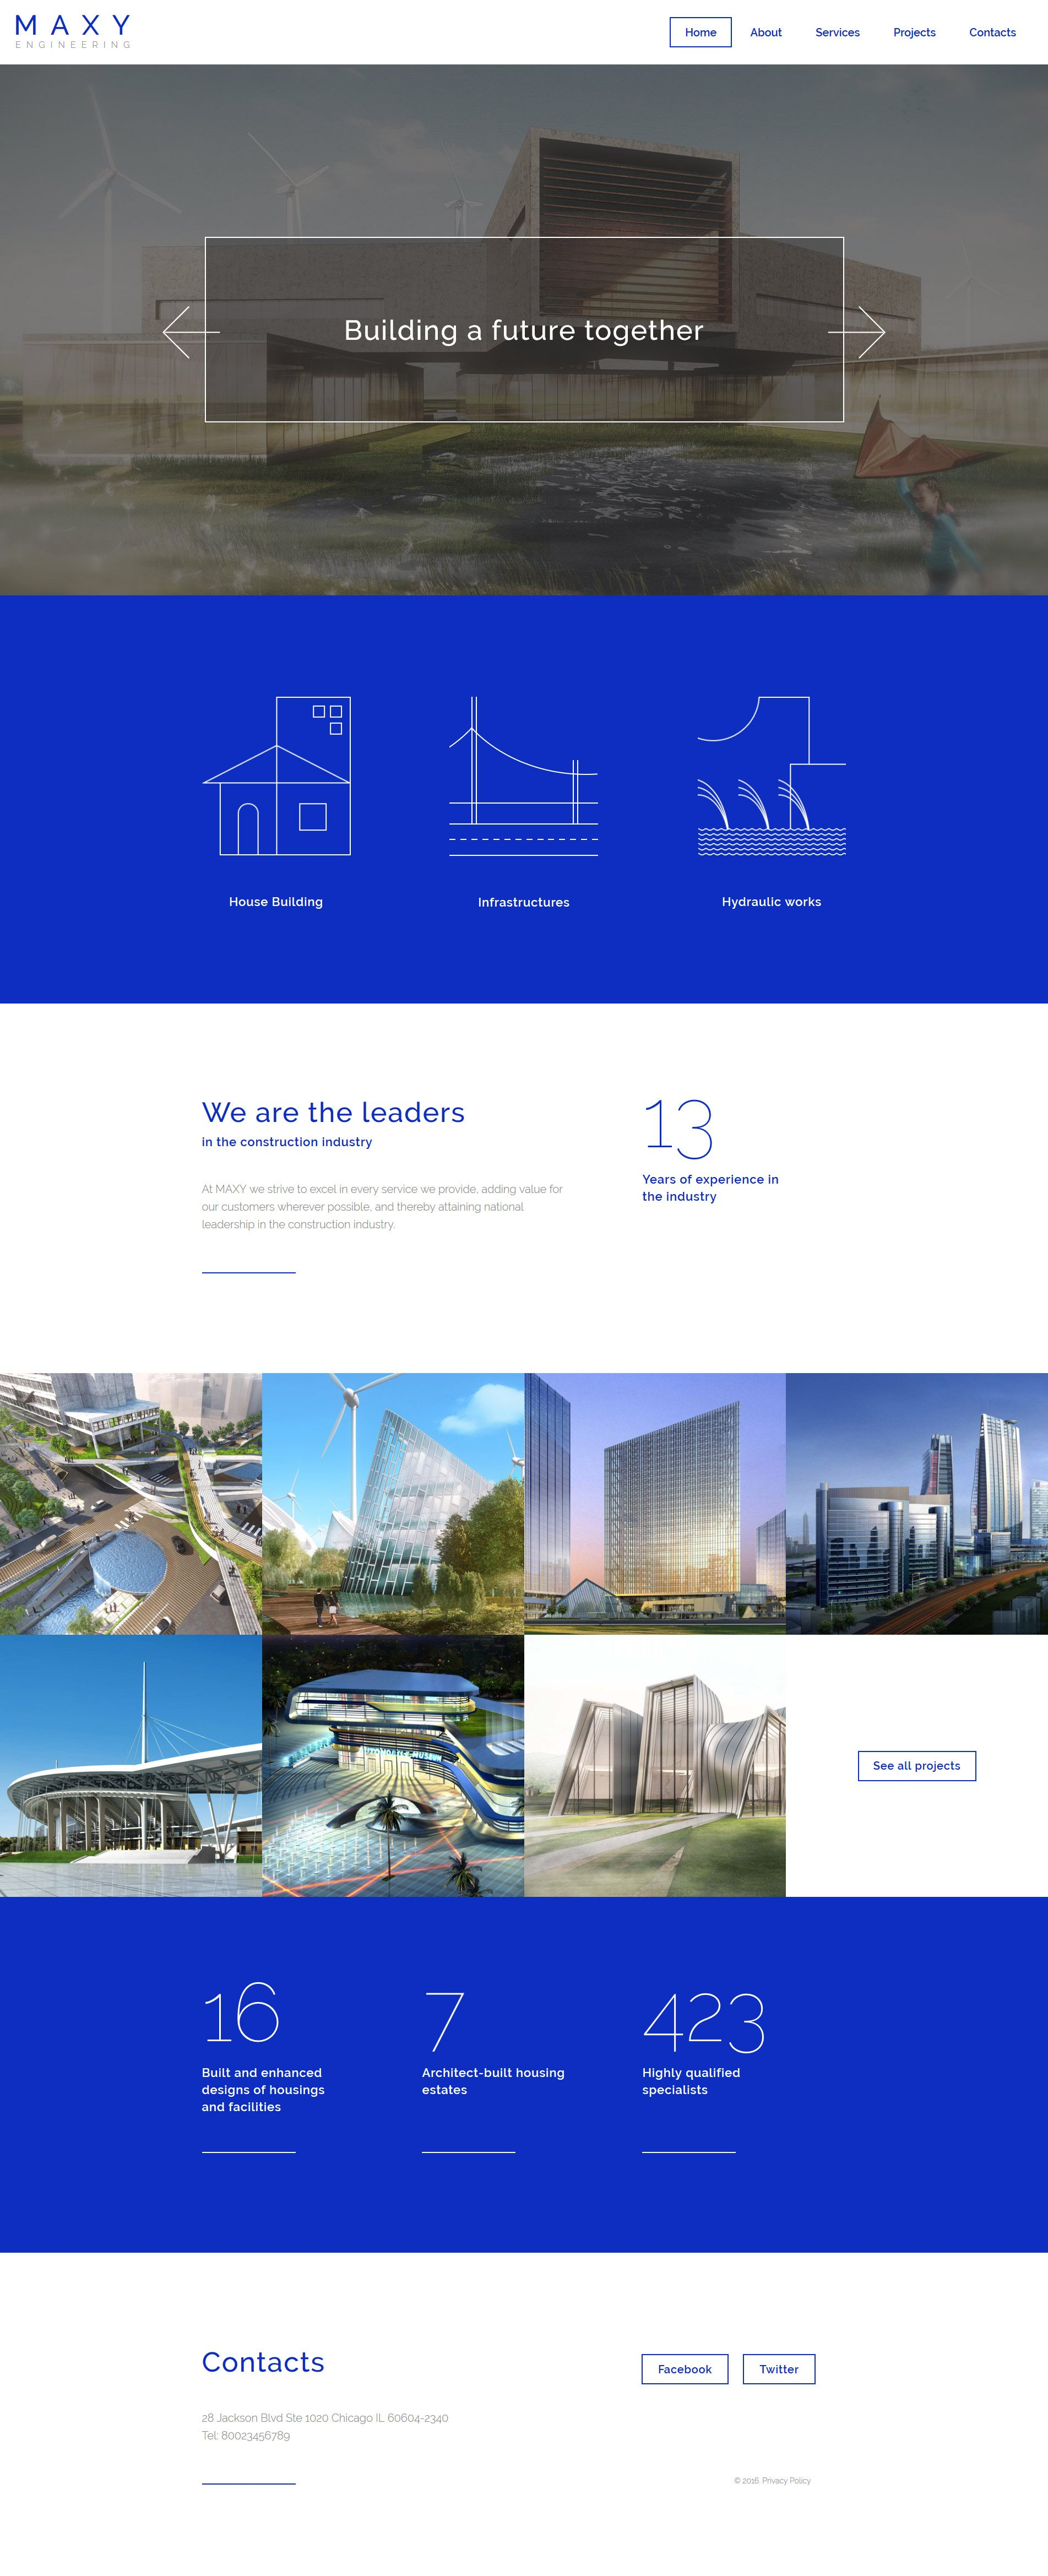 Maxy Website Template - screenshot